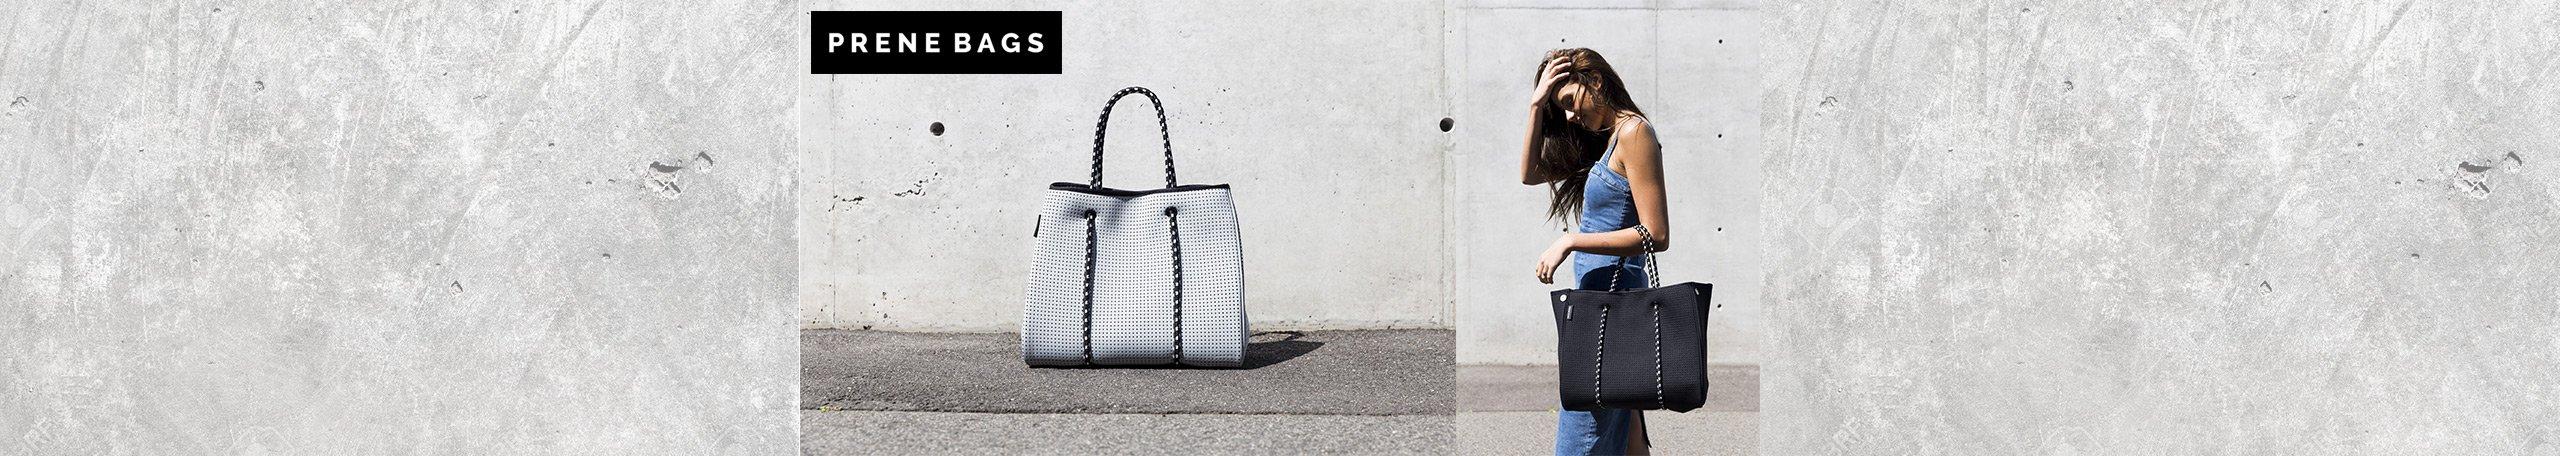 Prene Bags